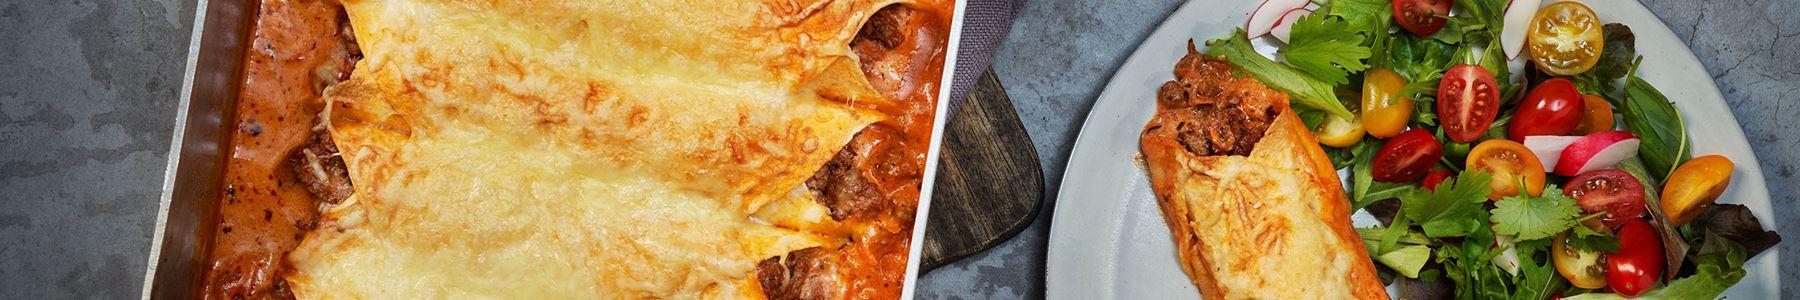 Kött + Tortilla